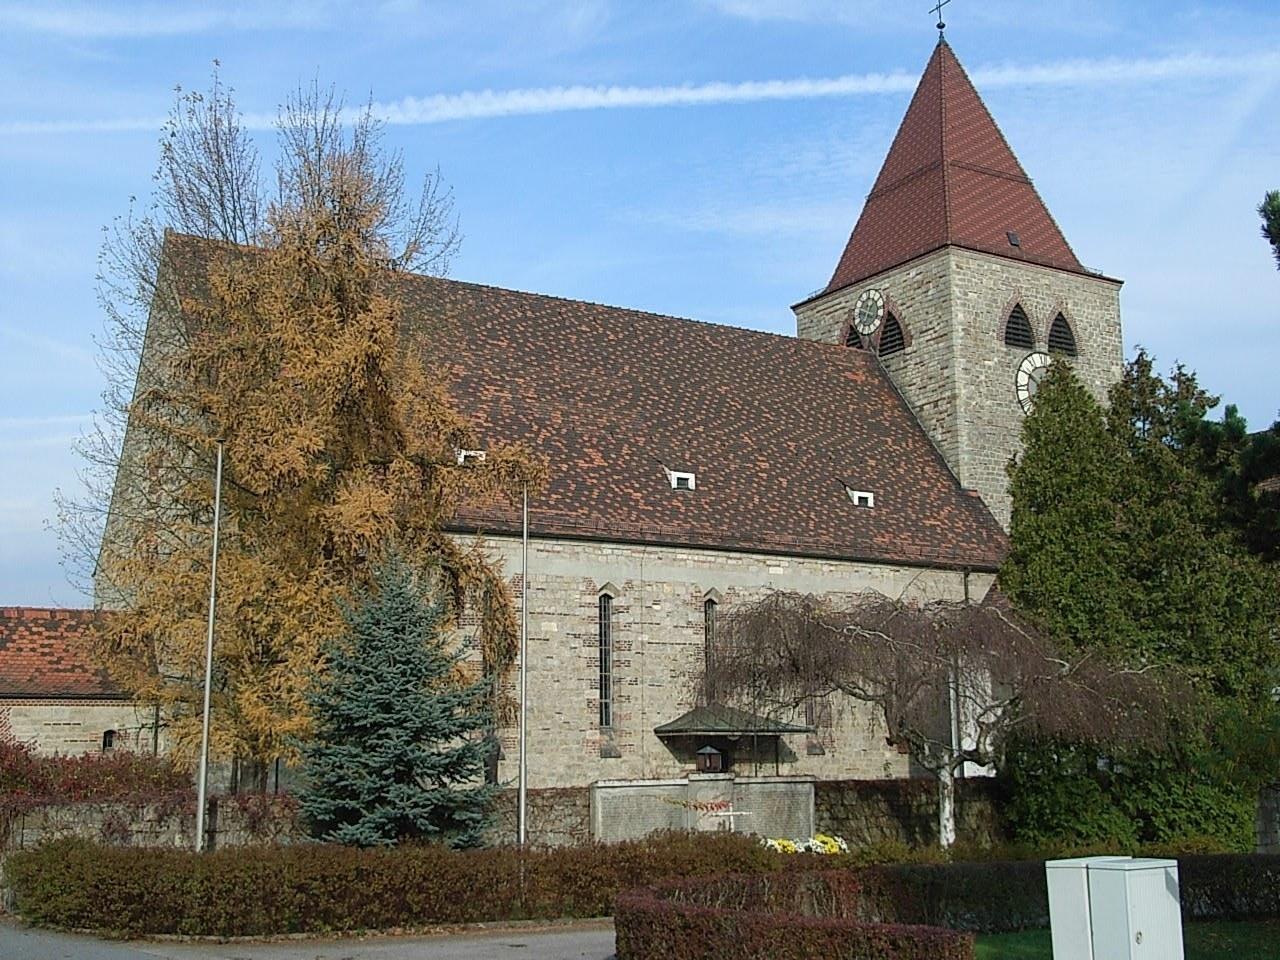 Kirche Passau Auerbach 8 Nov 2006 001